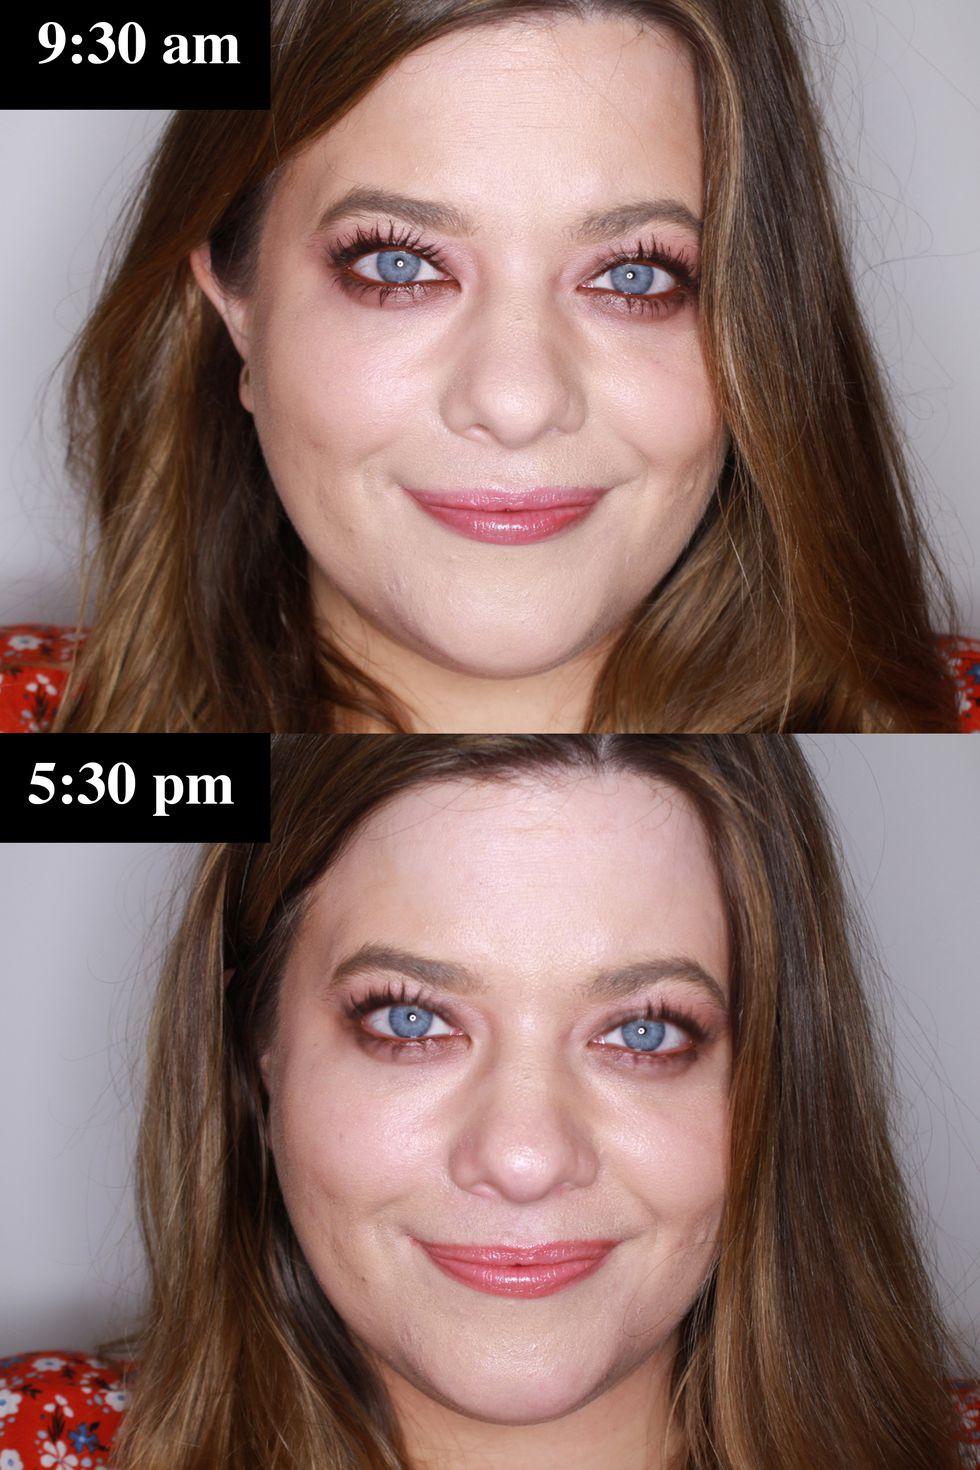 9 loại xịt trang điểm hot nhất hiện nay và review có tâm từ các beauty editor sẽ giúp bạn tìm ra sản phẩm hoàn hảo cho mình - Ảnh 10.